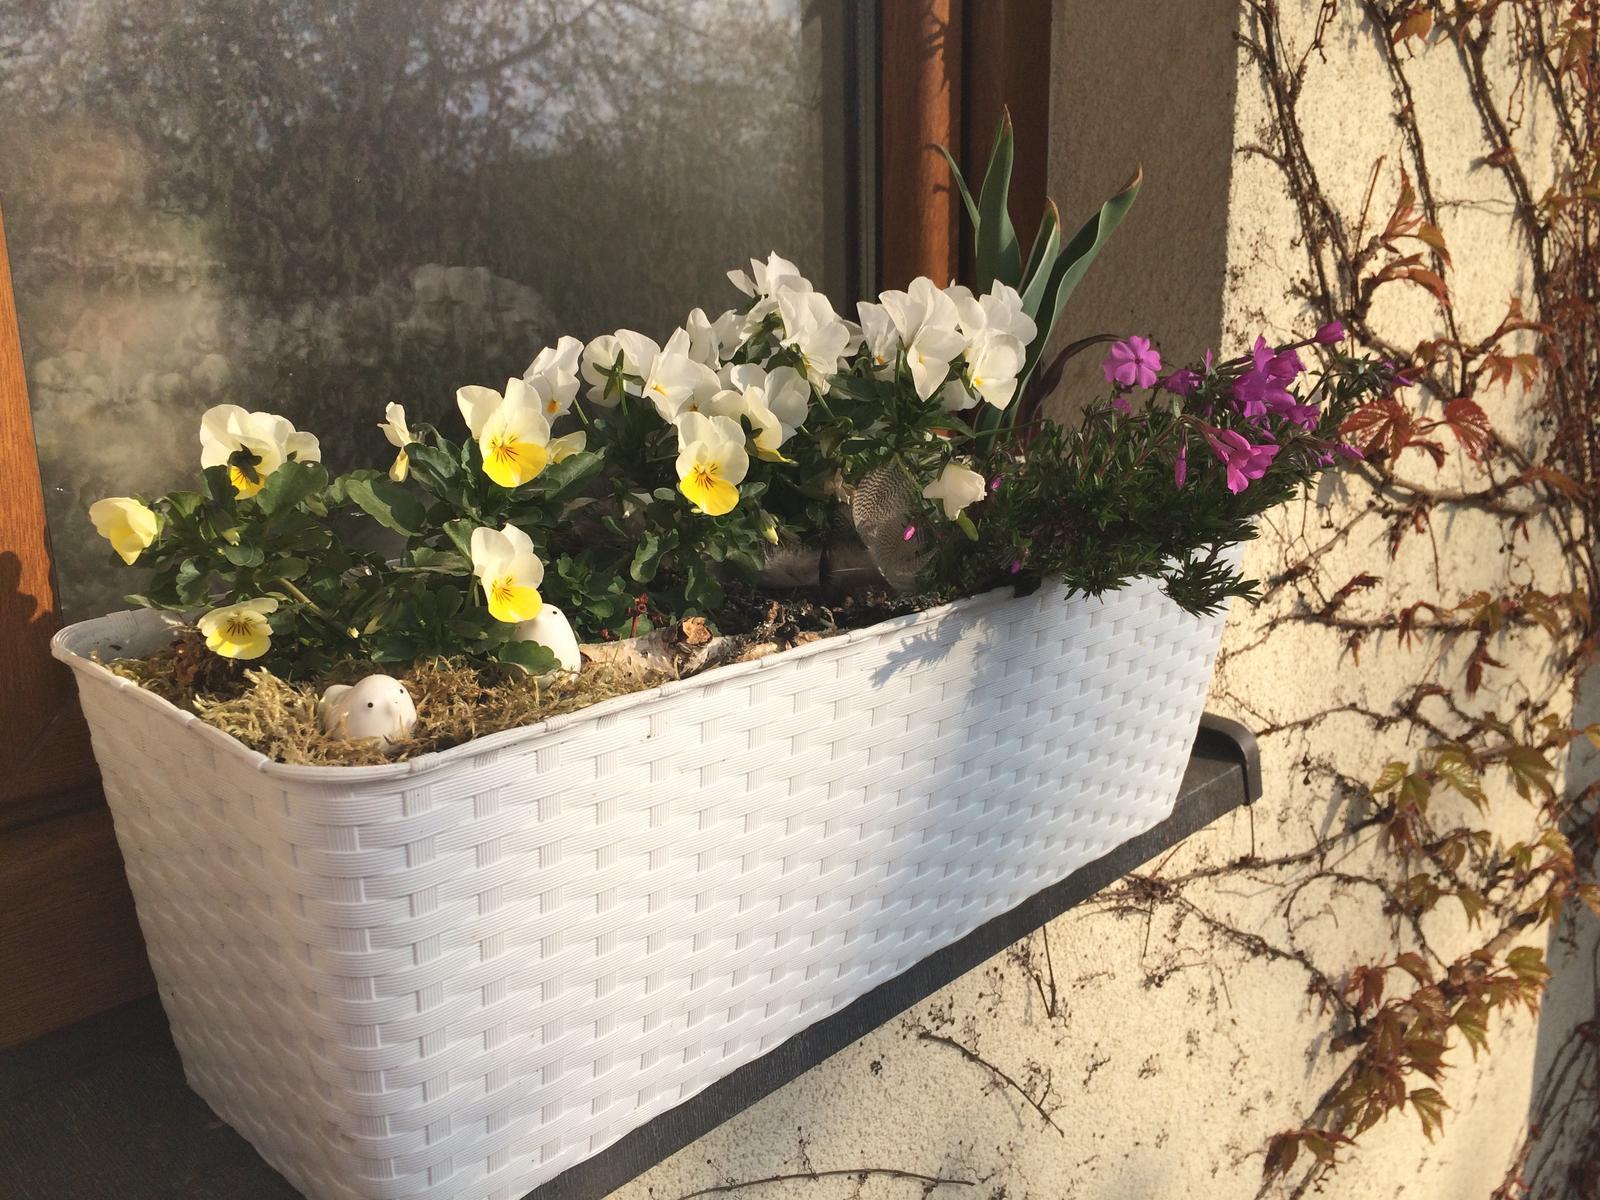 Dům i Zahrada 2019 - Rozkvetly žluté violky a floxy v truhlíku